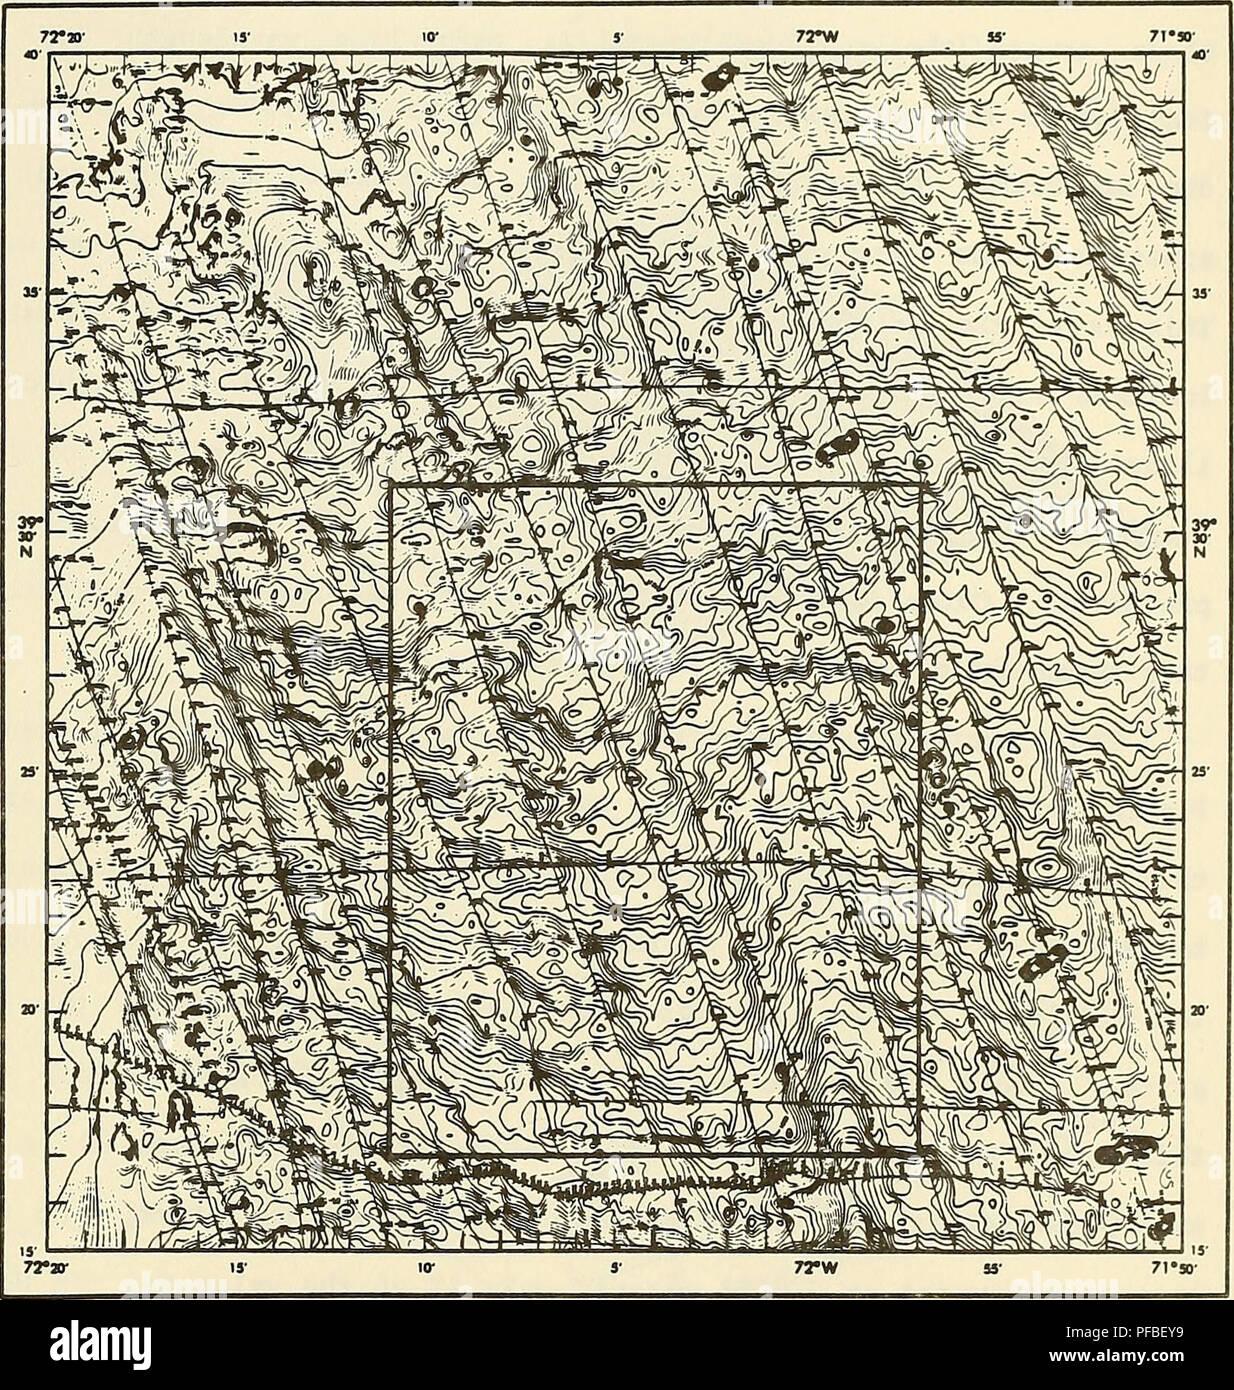 Topographic Map Of Ocean Floor.Topography Map Sea Floor Stock Photos Topography Map Sea Floor